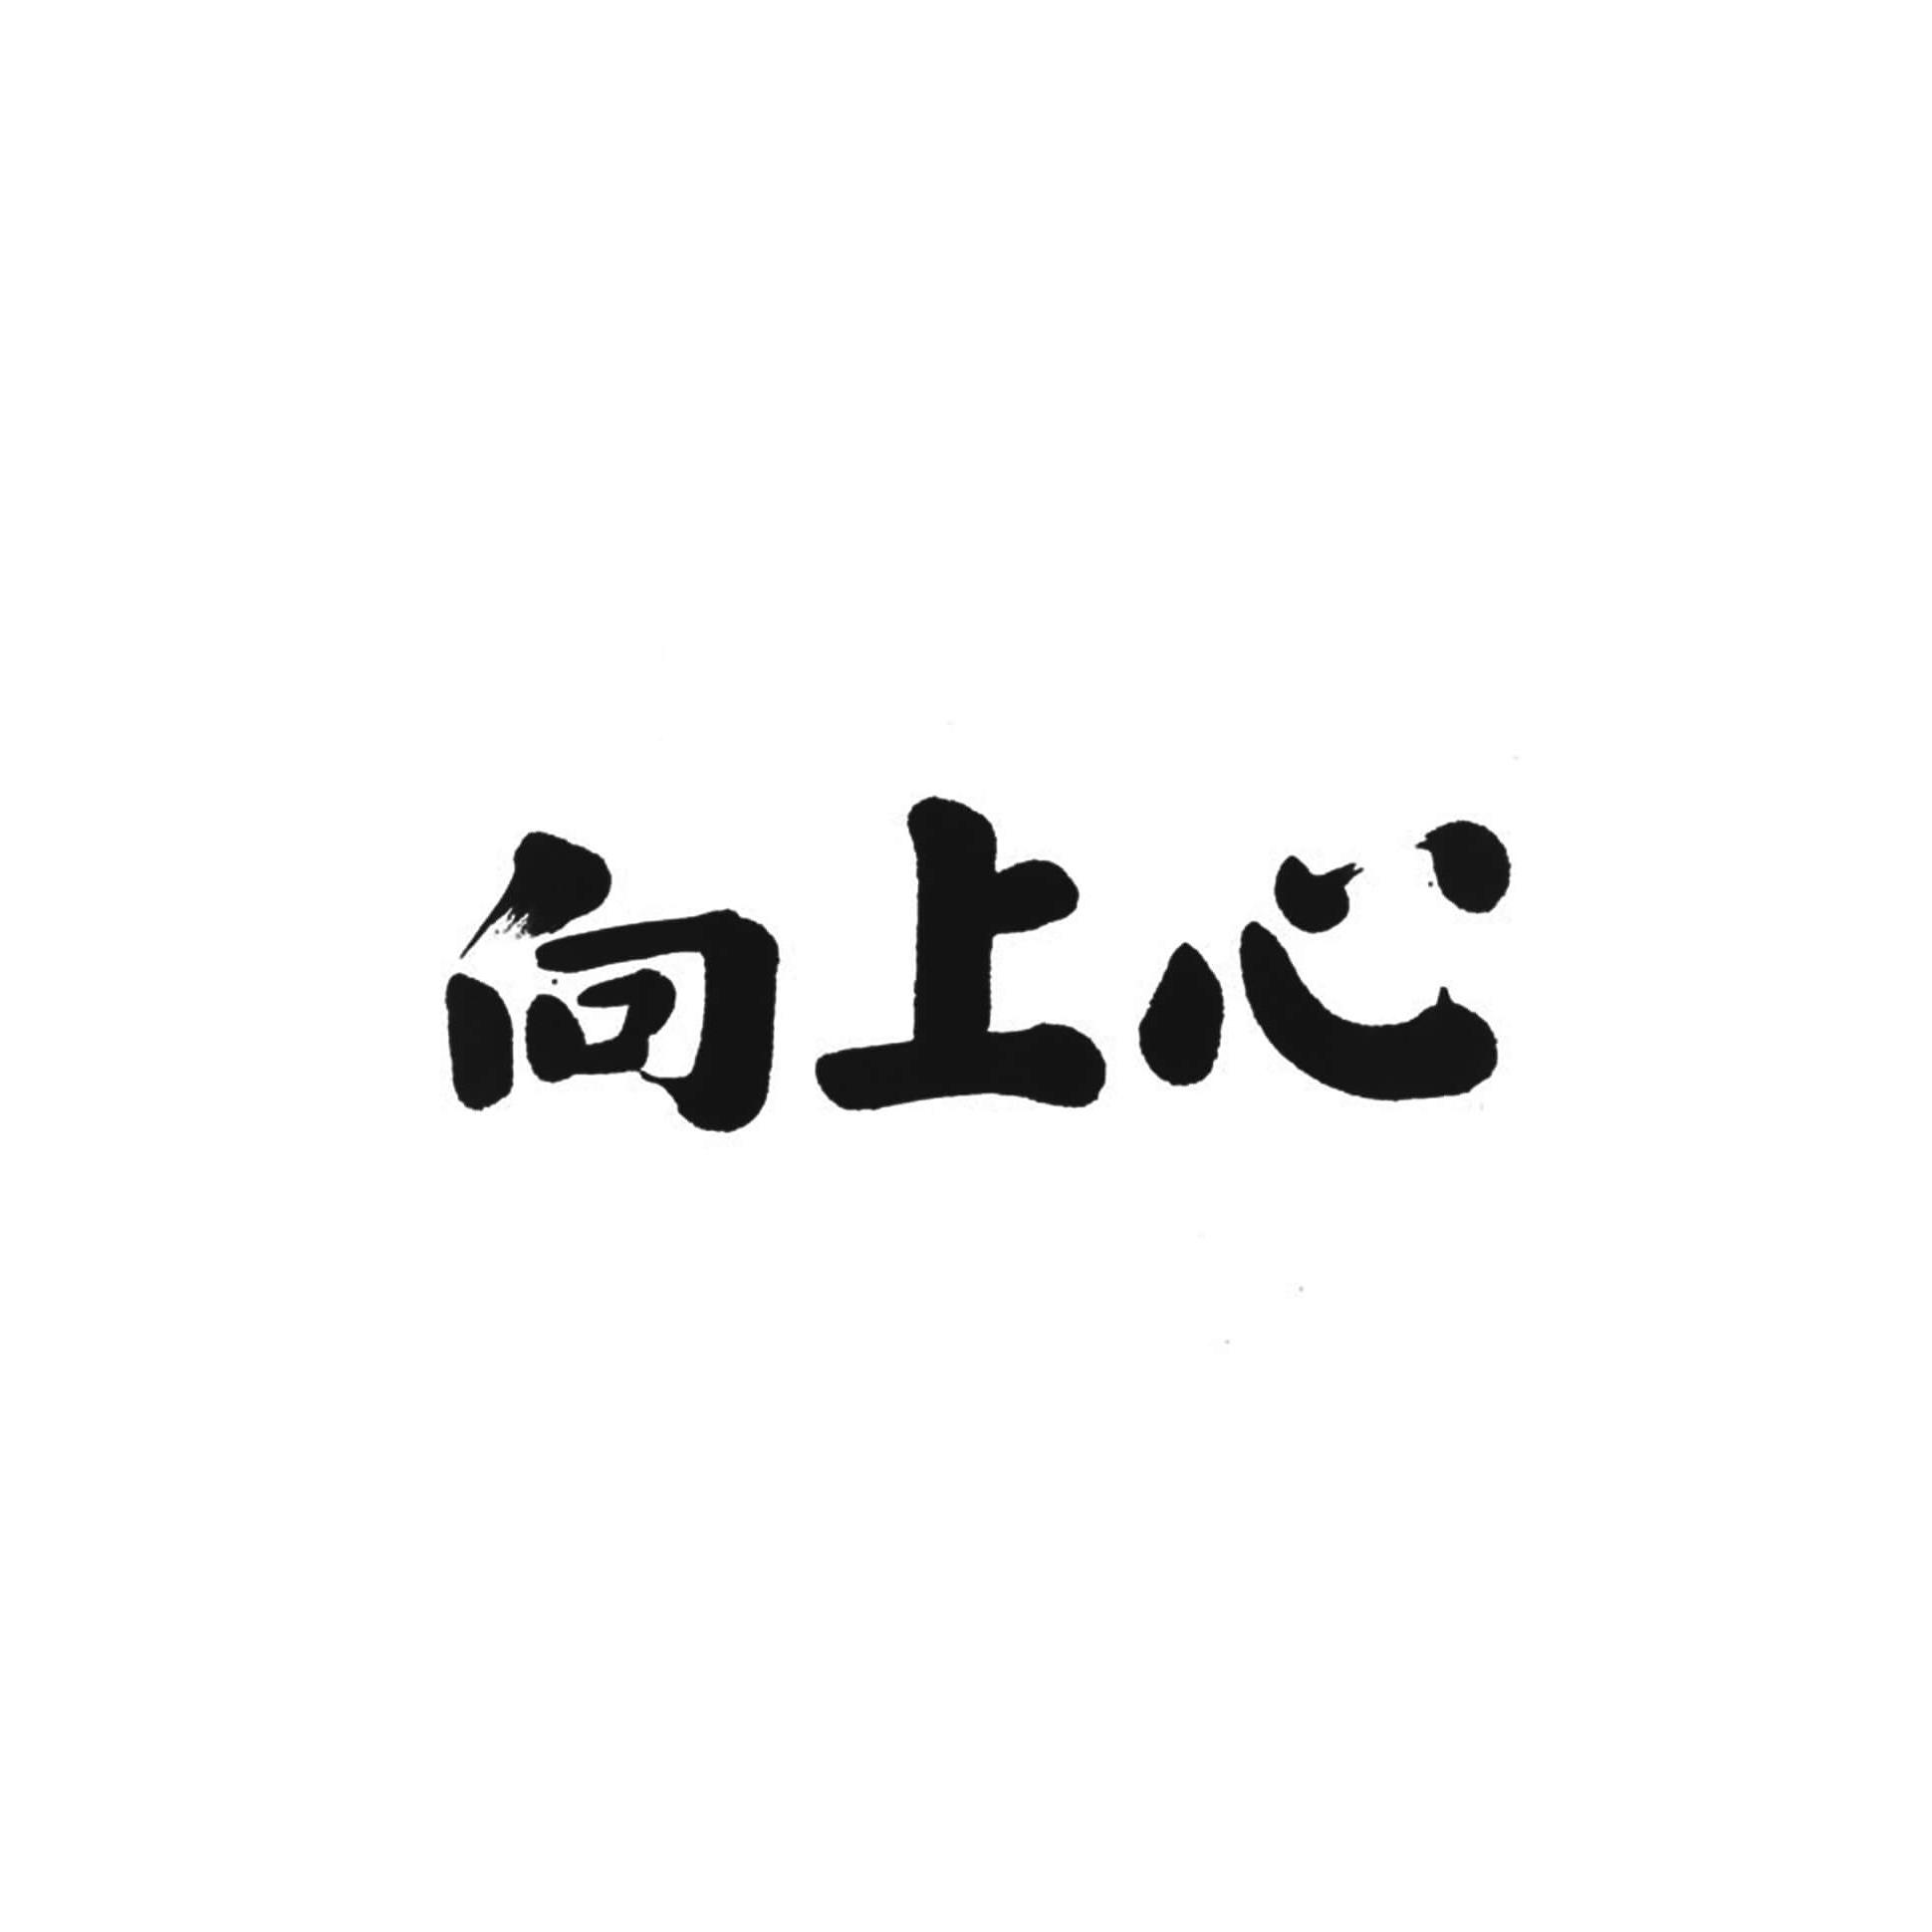 武田薬品工業 VPタケダイズム 向上心